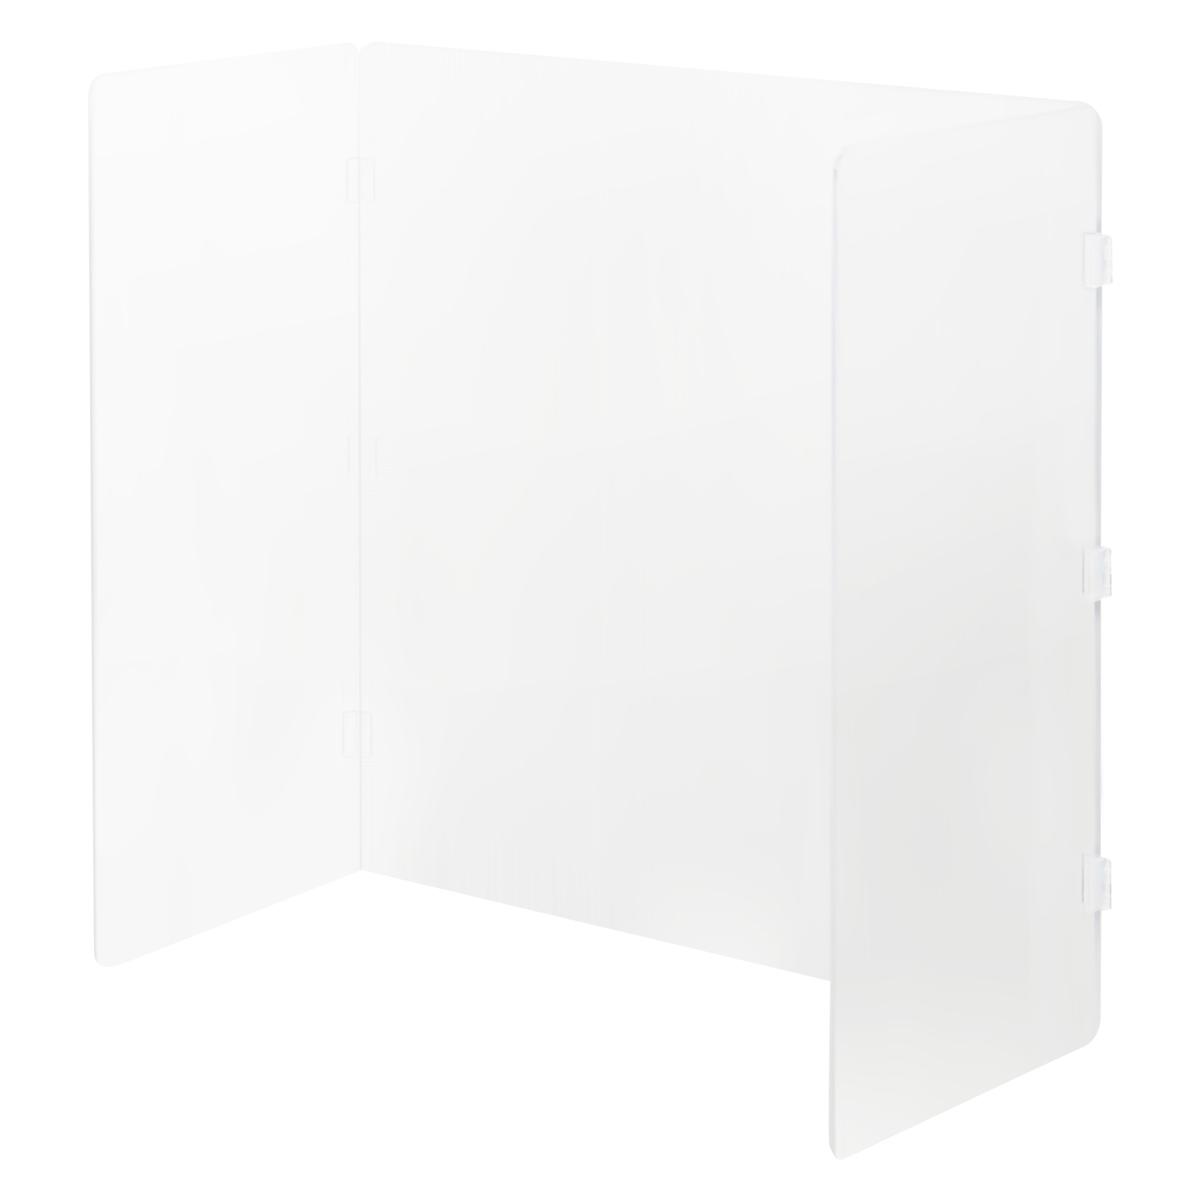 オフィス用折畳型アクリルデスクトップパネル W600 D300 H600  透明・半透明